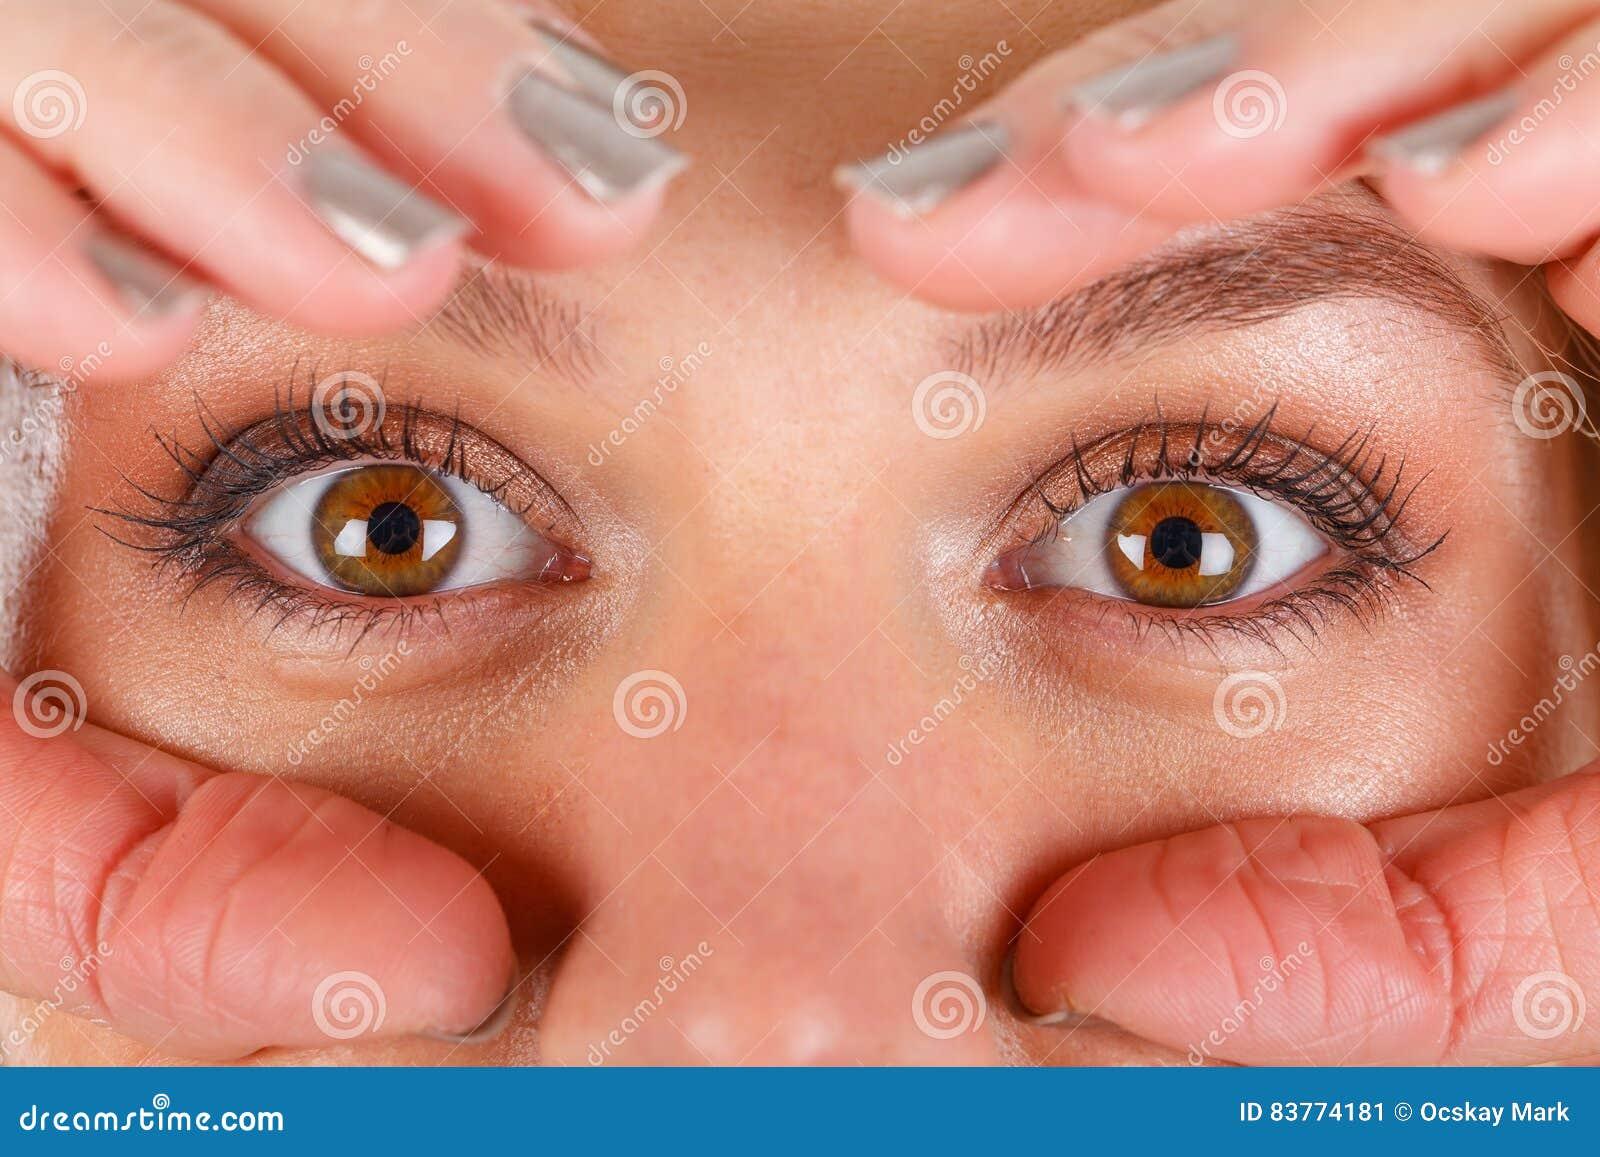 Beautiful hazel eyes